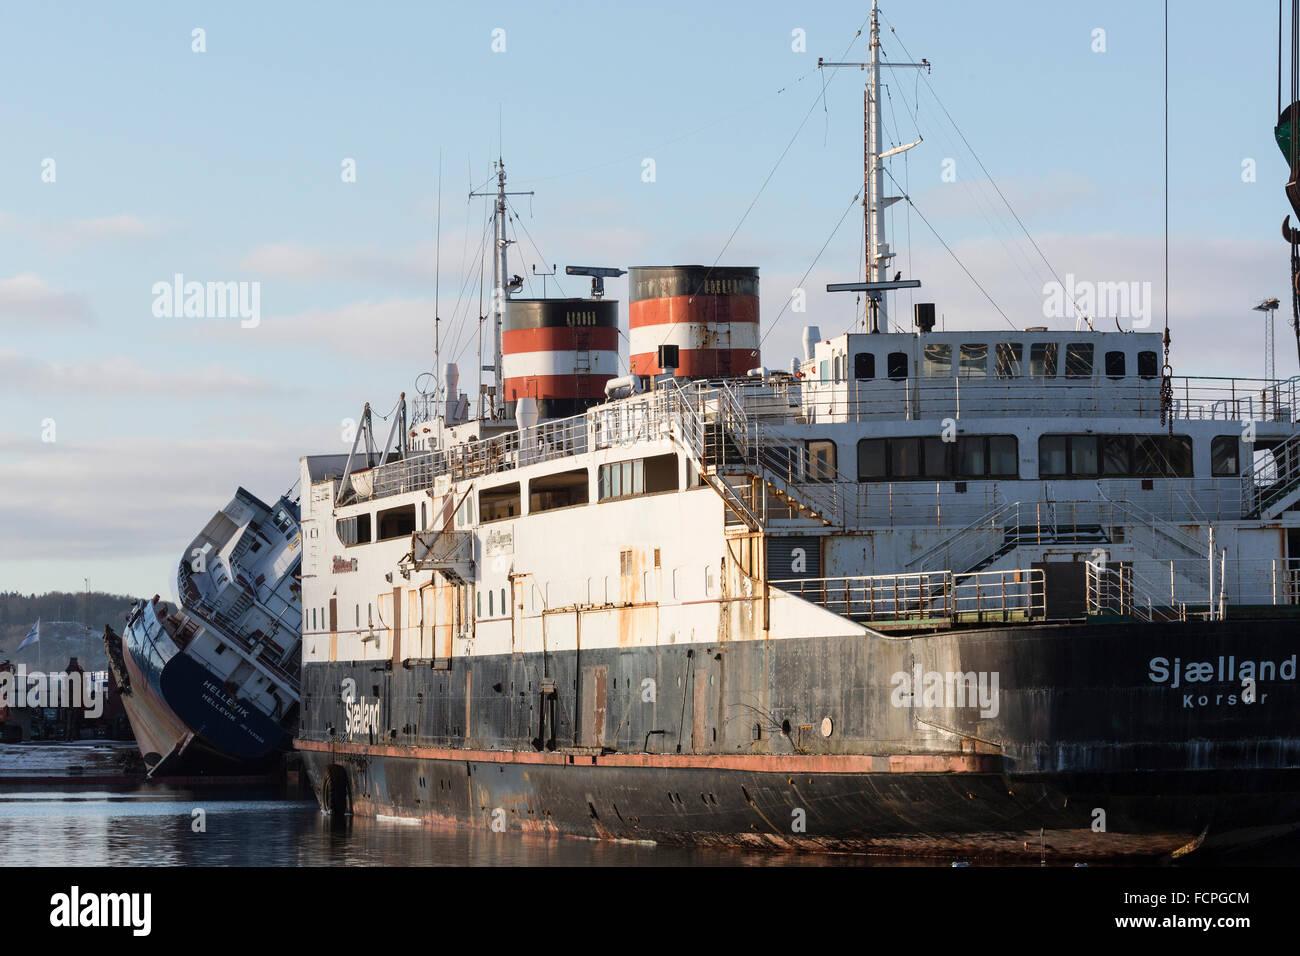 The former Great Belt-ferry Dronning Ingrid/Sjælland at JATOB ship demolition in Frederikshavn. - Stock Image